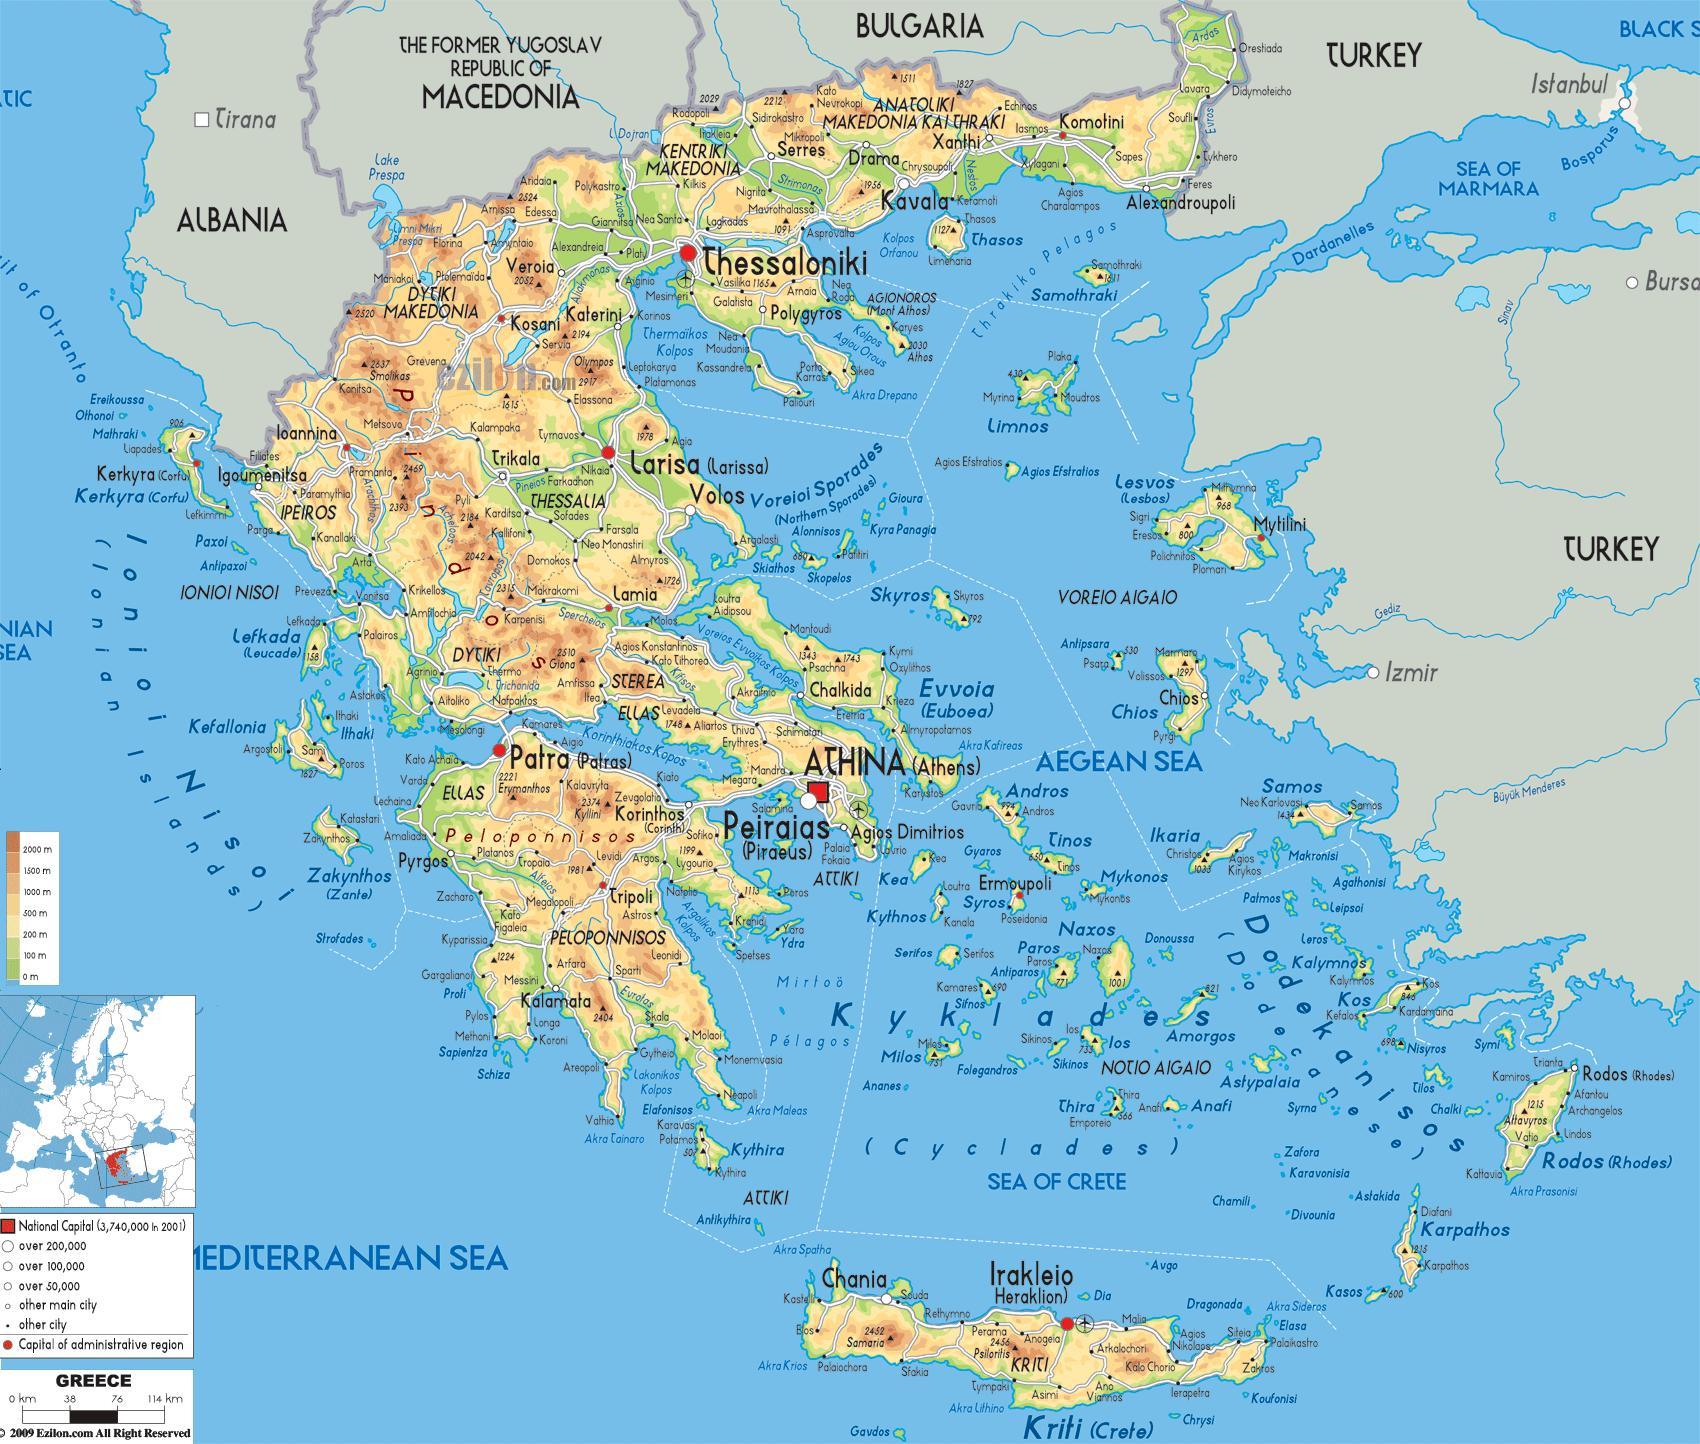 La Grèce Carte Géographique - Carte Géographique De La Grèce encequiconcerne Carte Géographique Europe